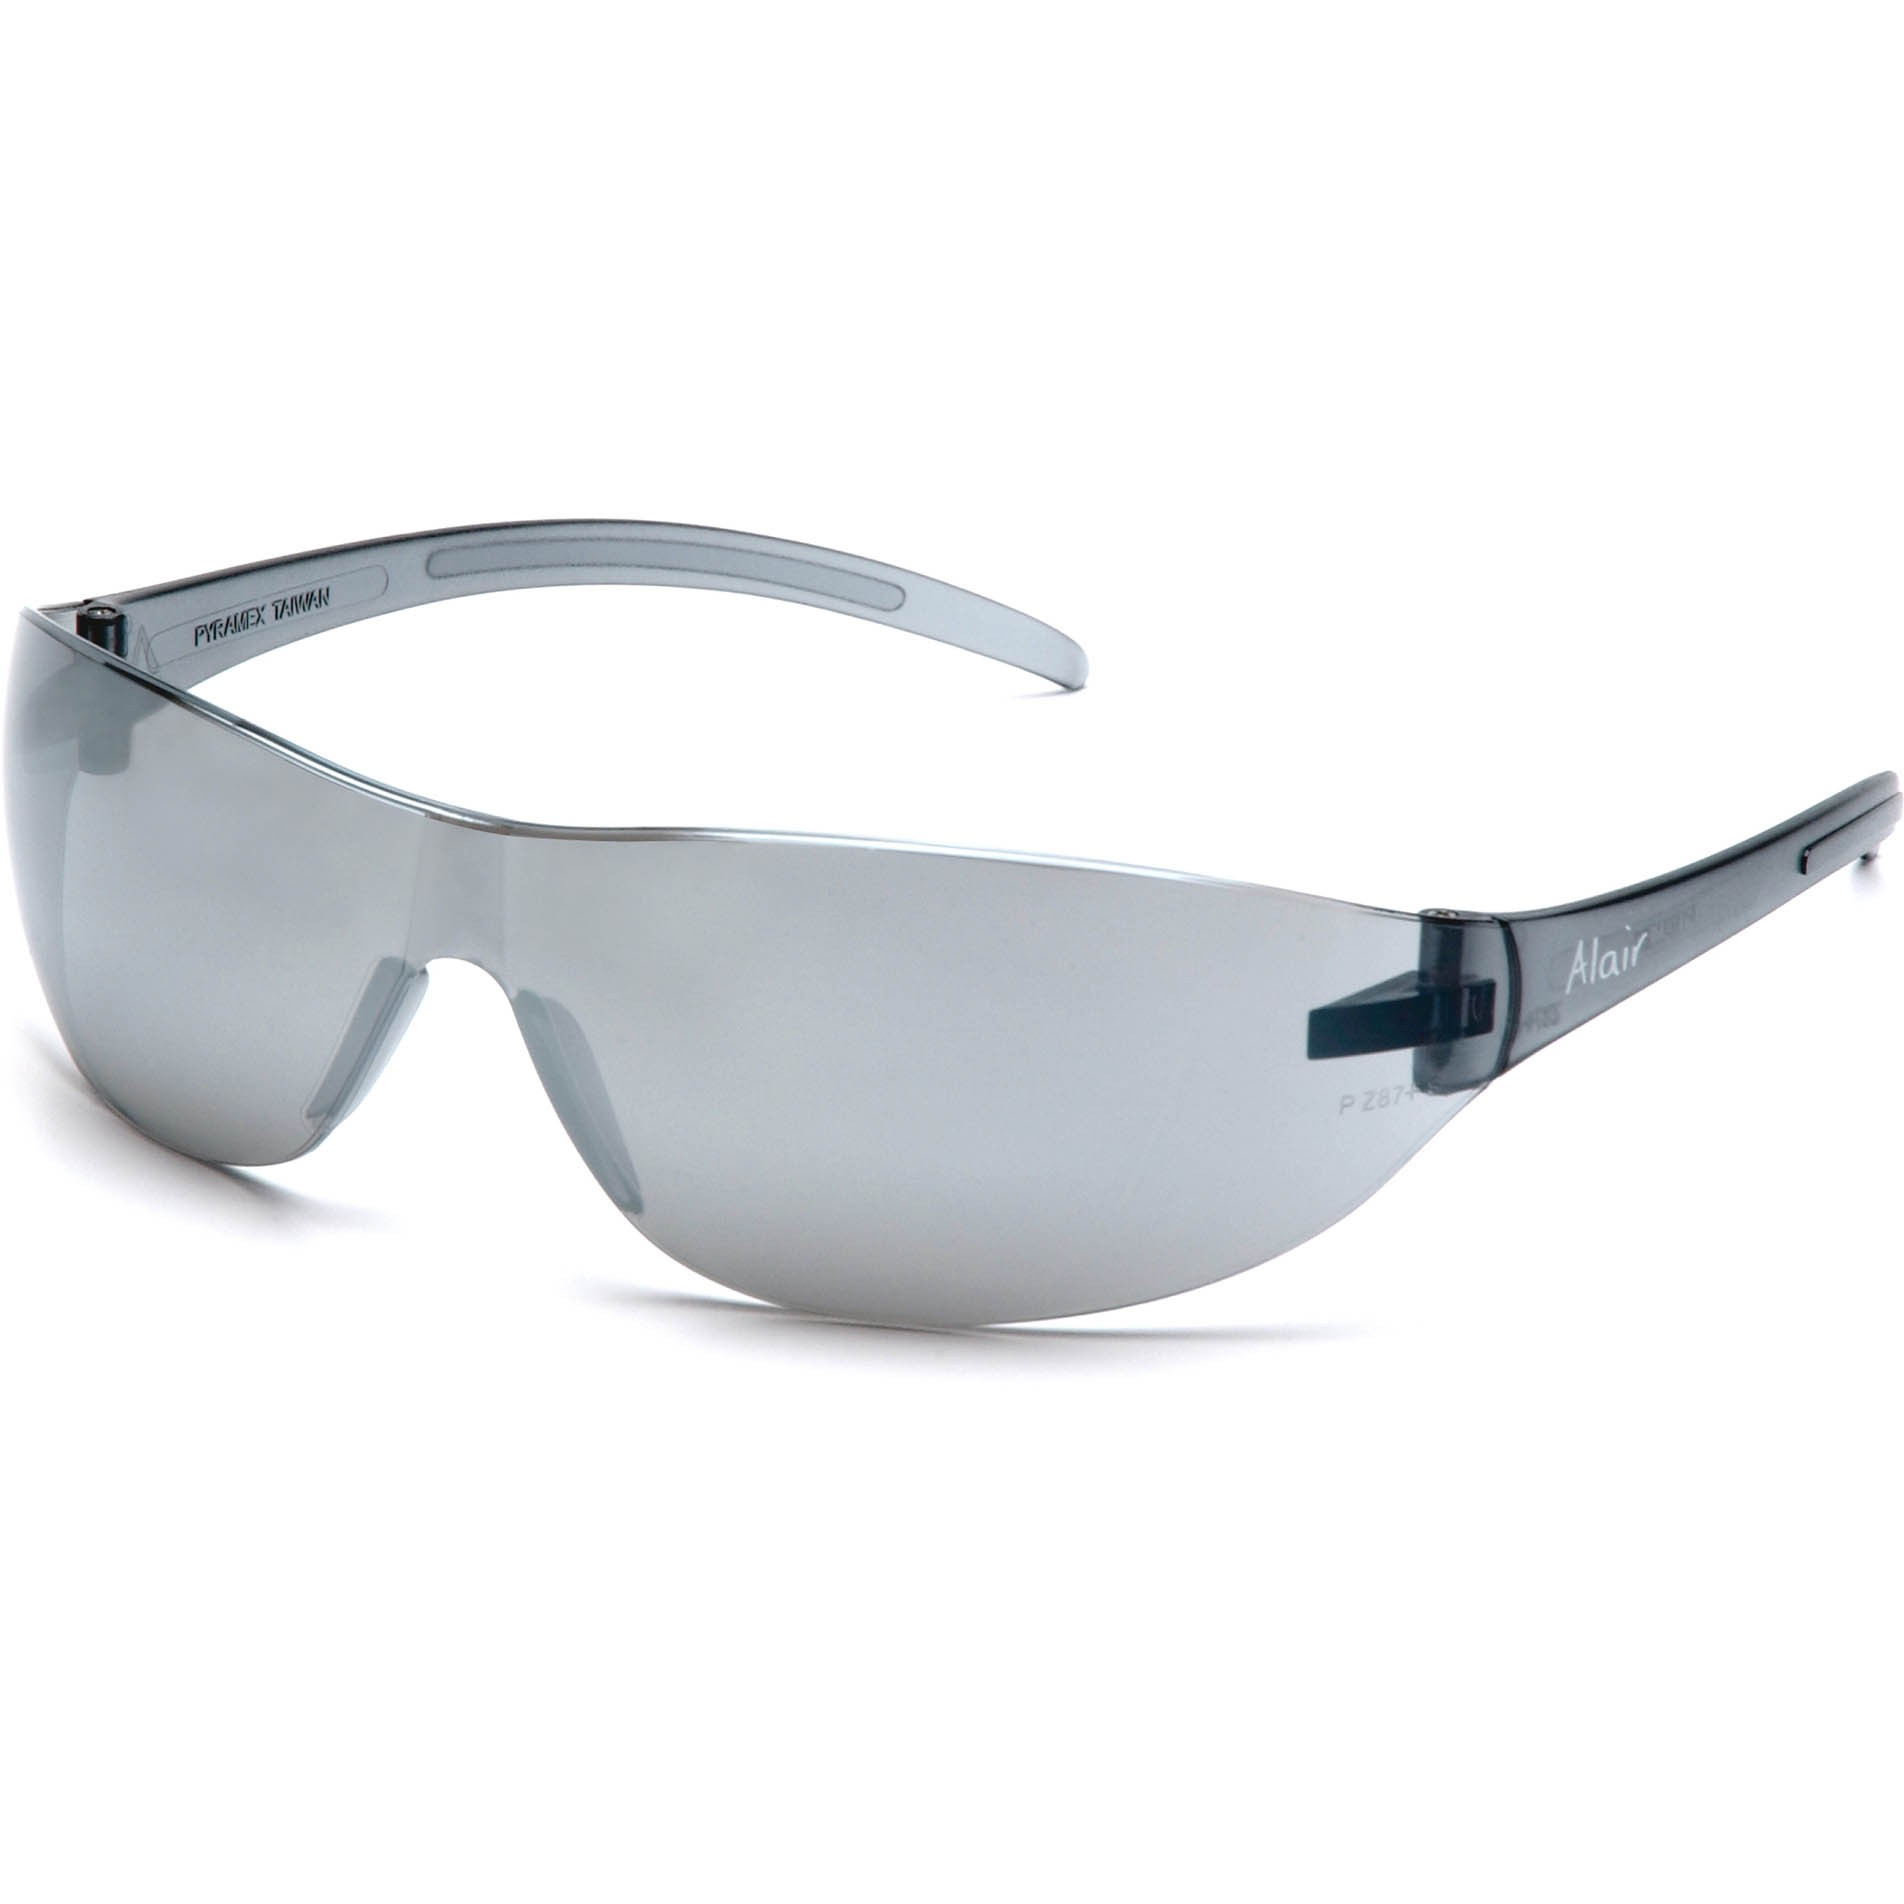 Glasses Gray Frame : Pyramex Alair Safety Glasses - Gray Frame - Silver Mirror ...